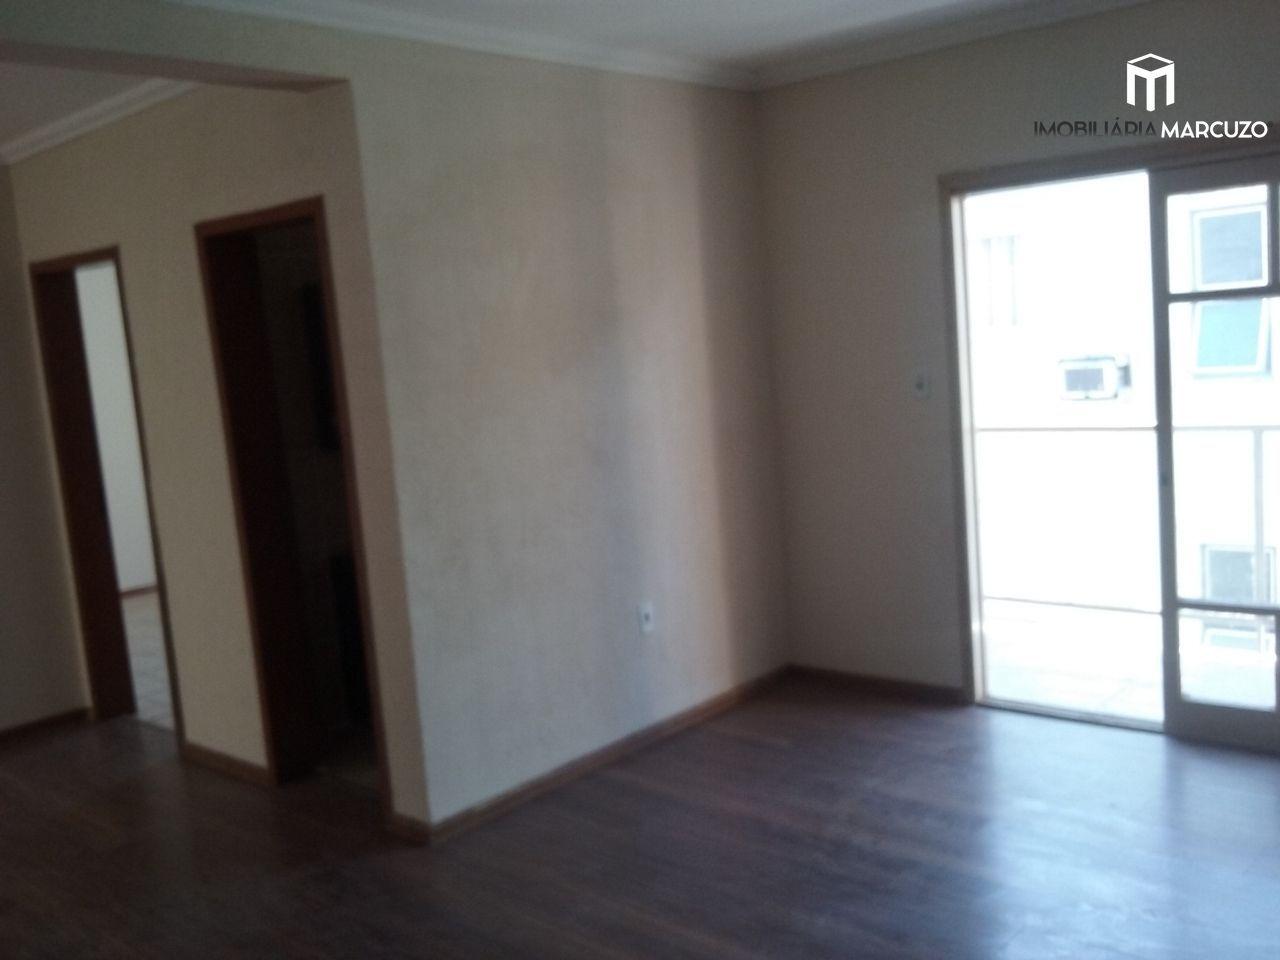 Apartamento com 3 Dormitórios à venda, 100 m² por R$ 290.000,00